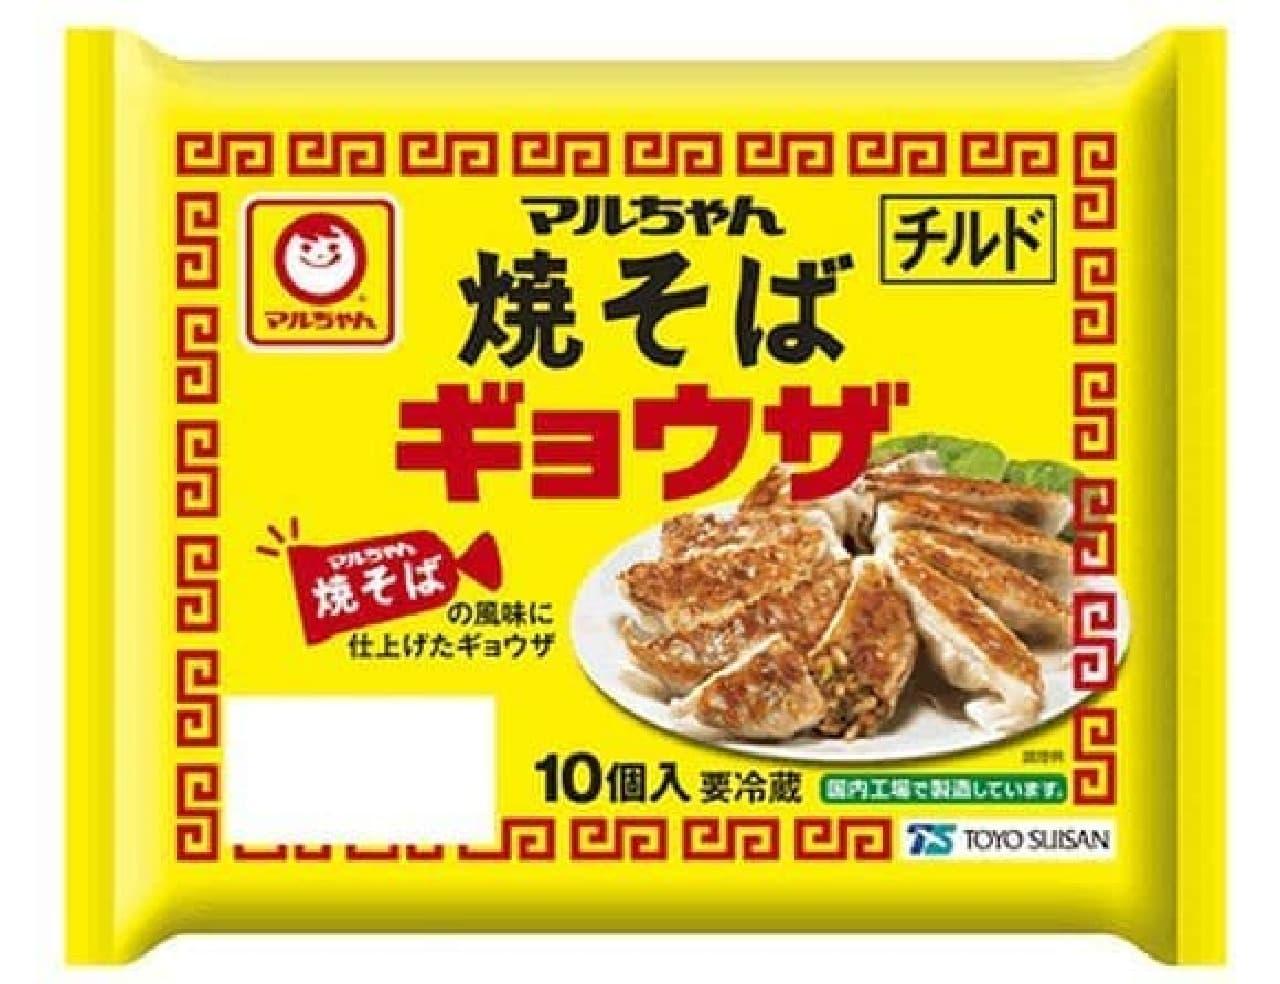 東洋水産「マルちゃん焼そばギョウザ」